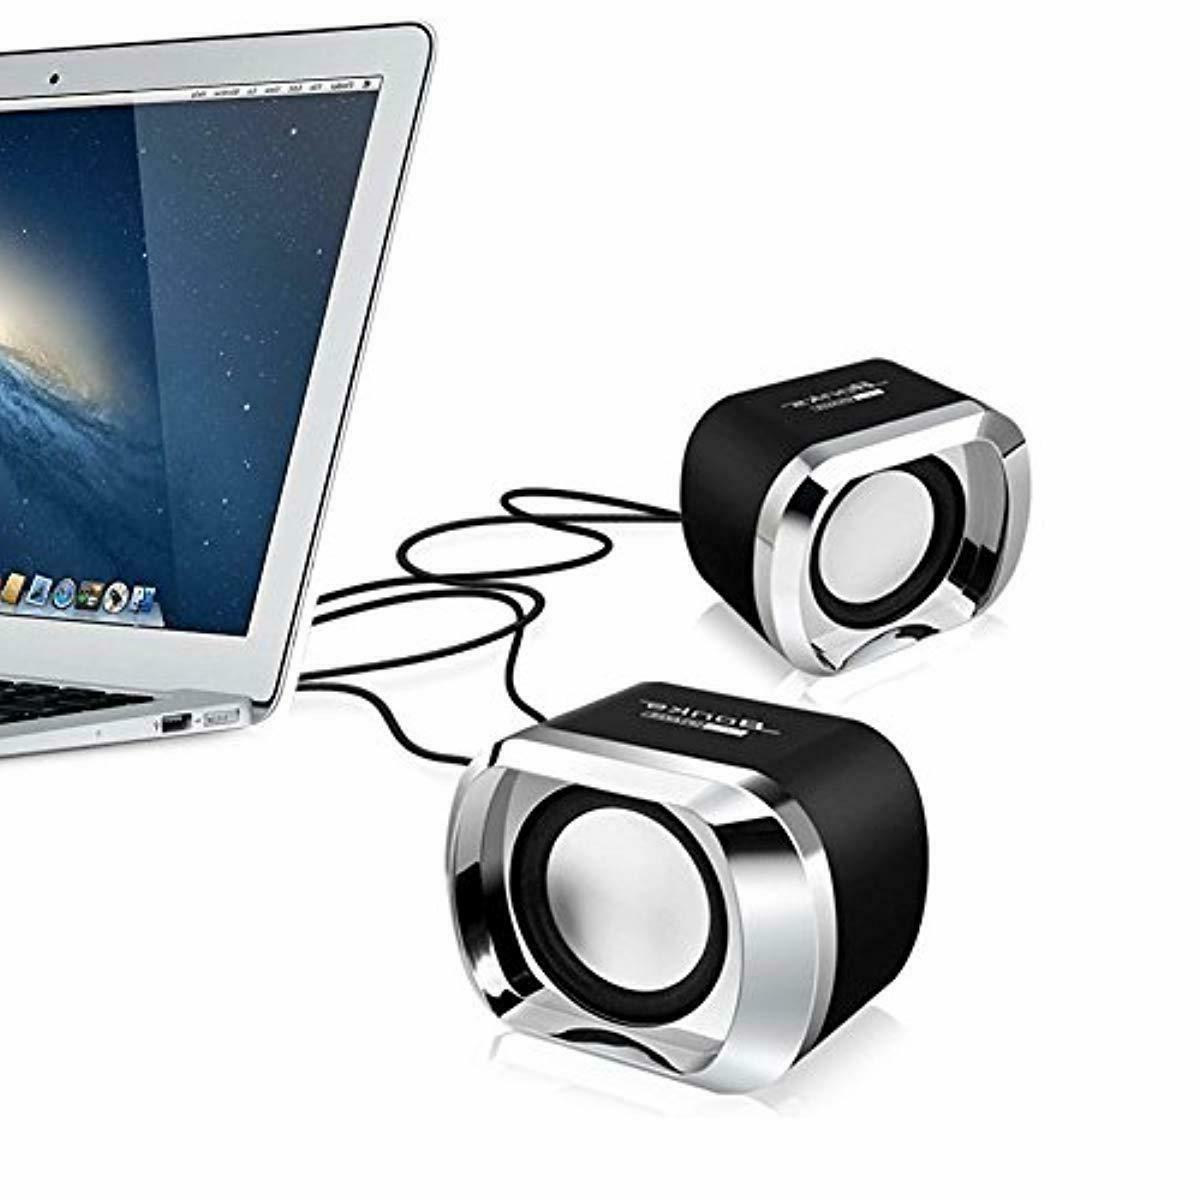 Speakers Computer Desktop Laptop Sony Dell